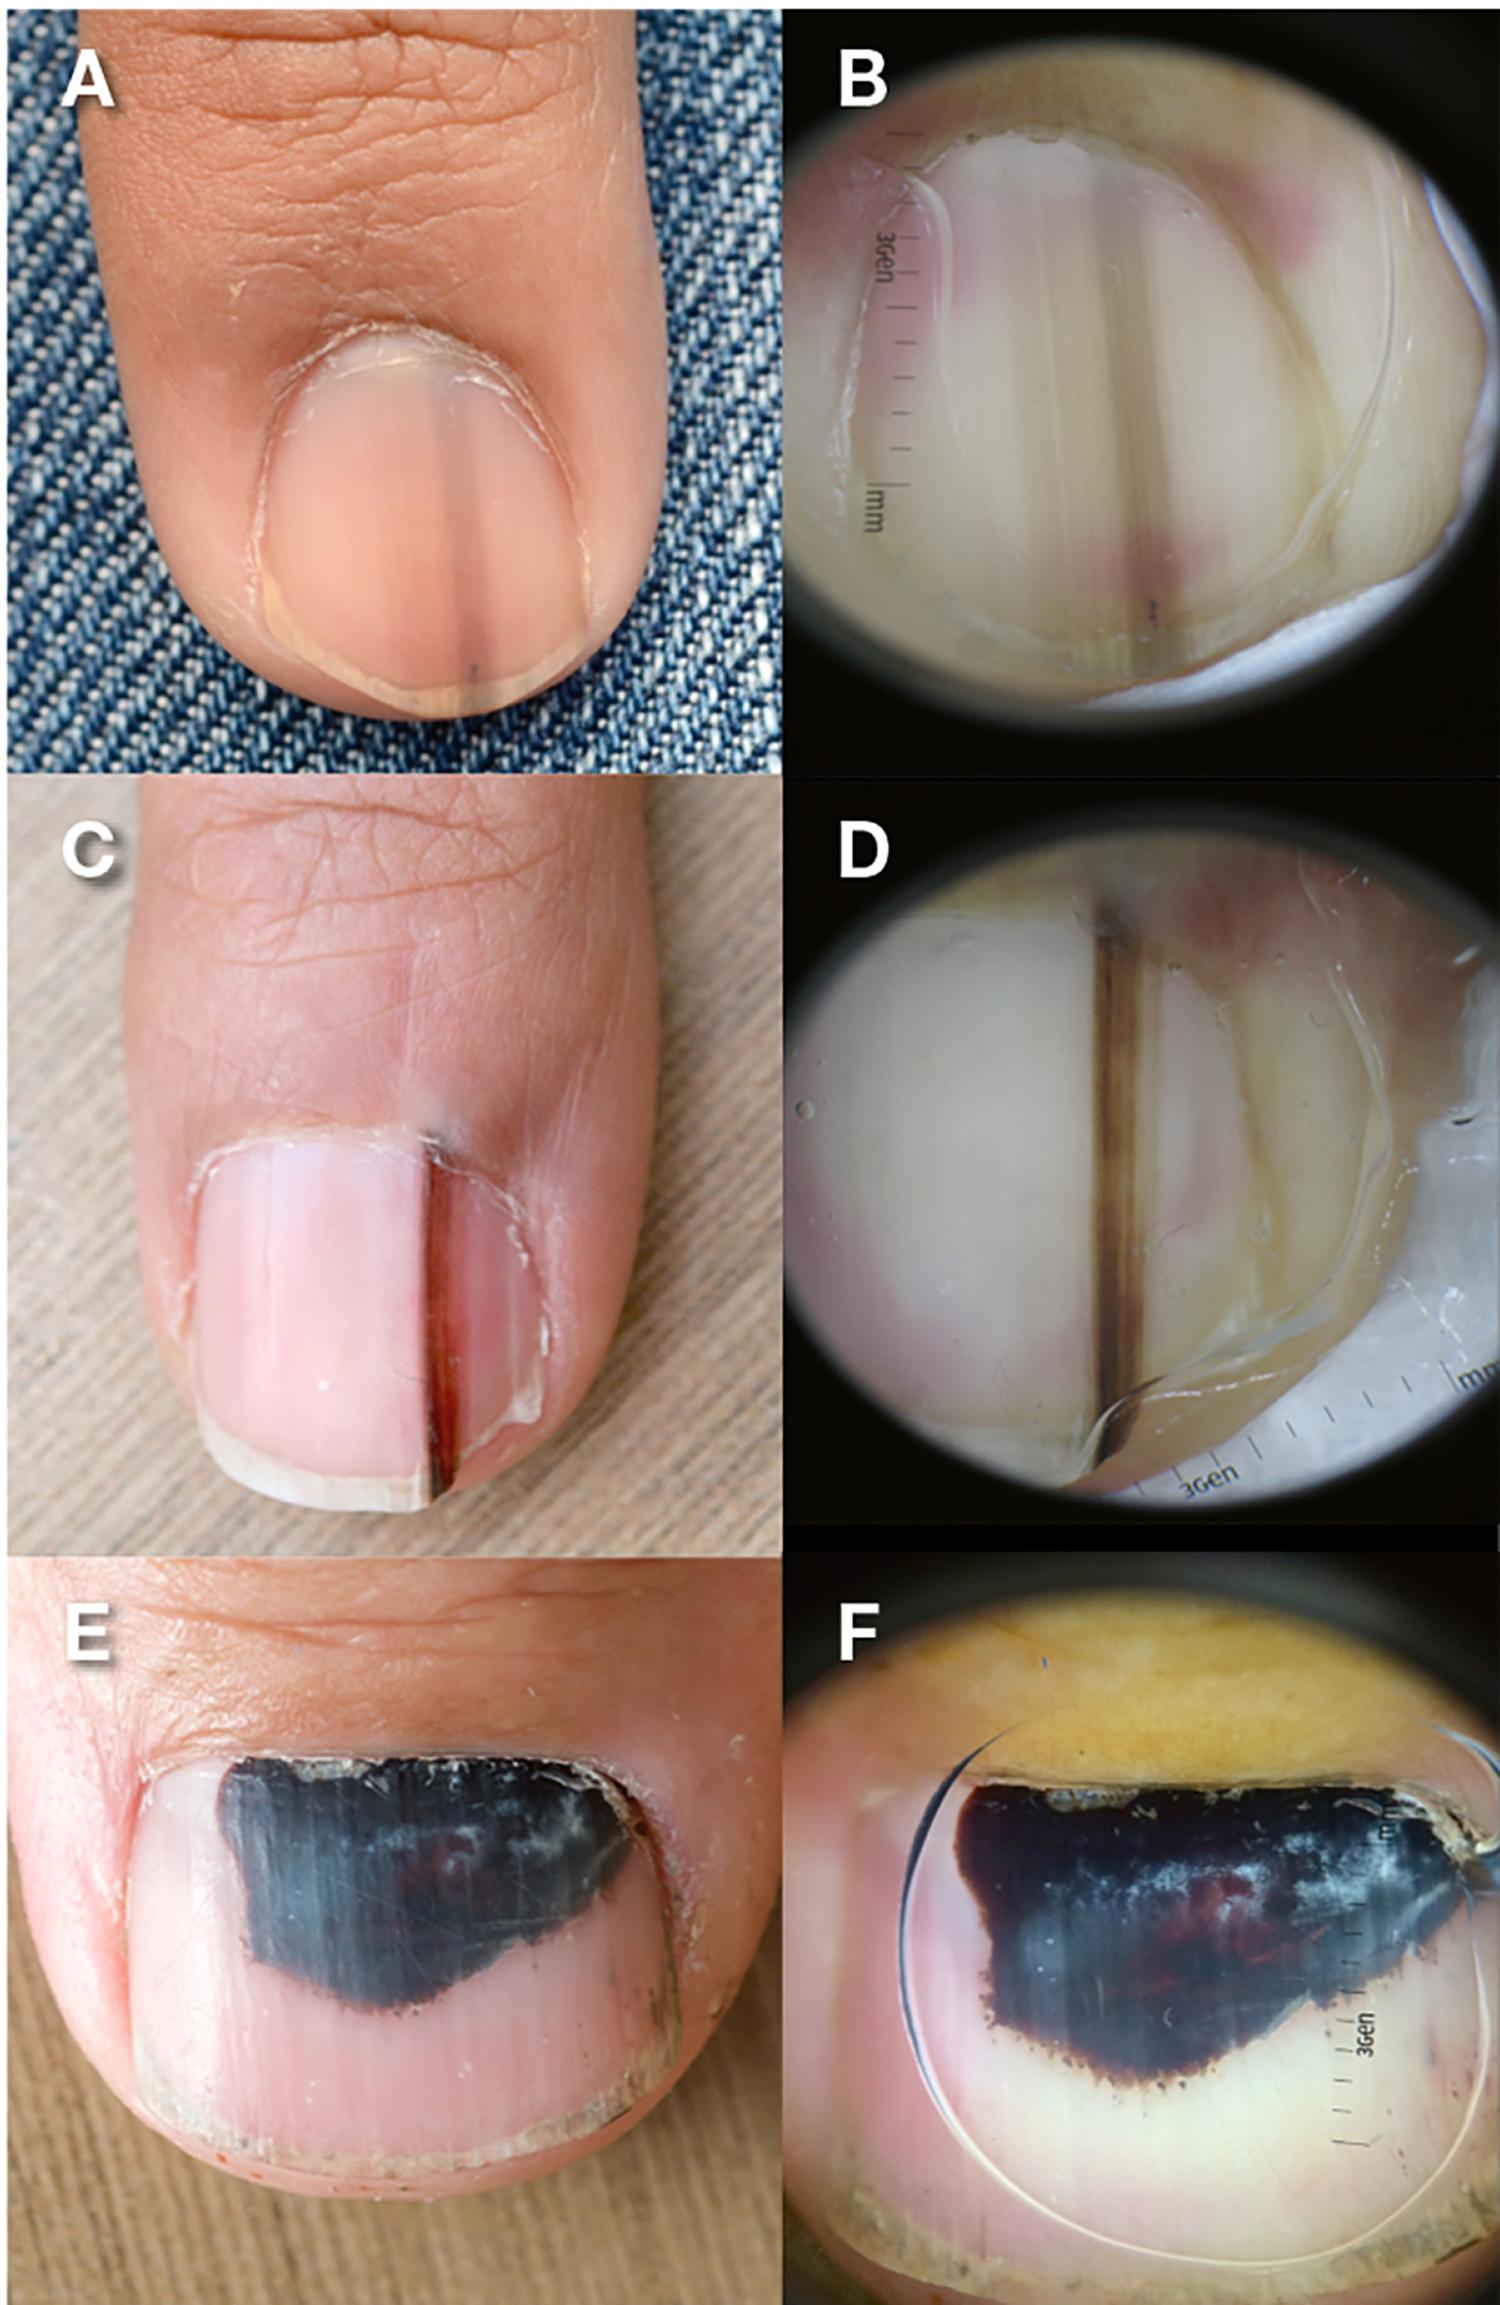 Benign pigmented subungual lesions